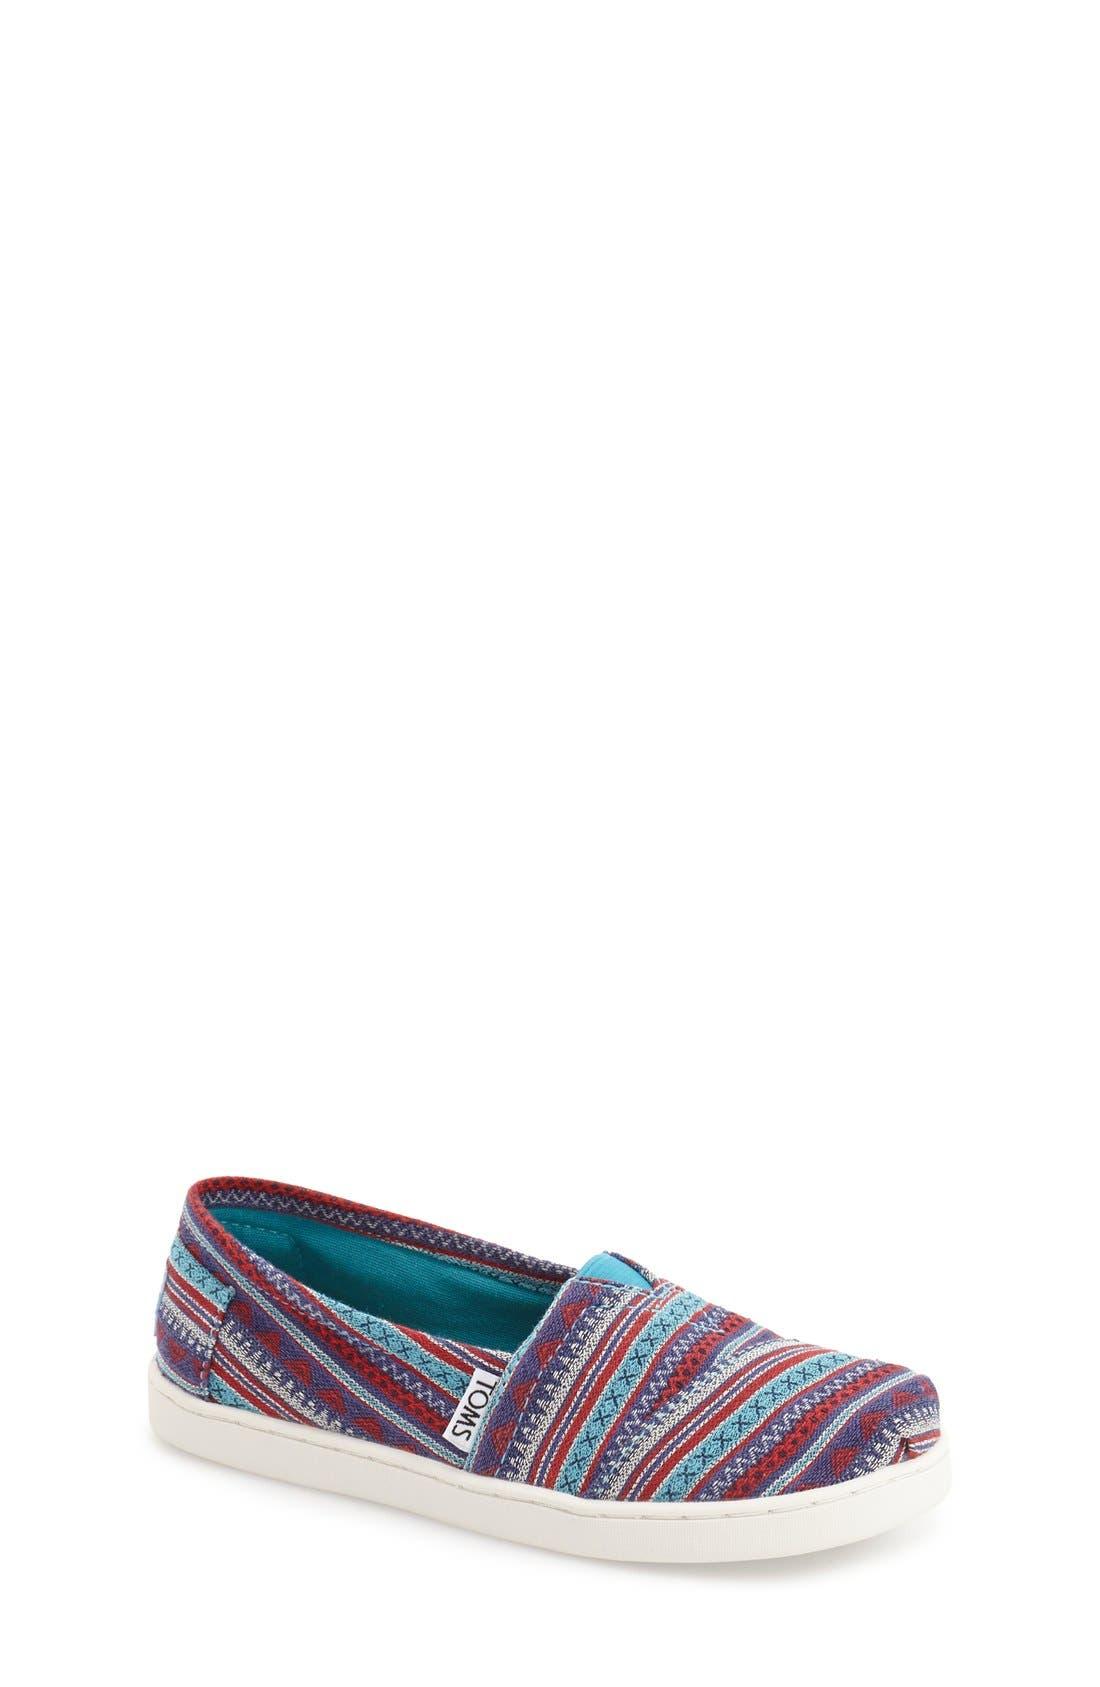 'Classic' Slip-On,                         Main,                         color, Medium Blue